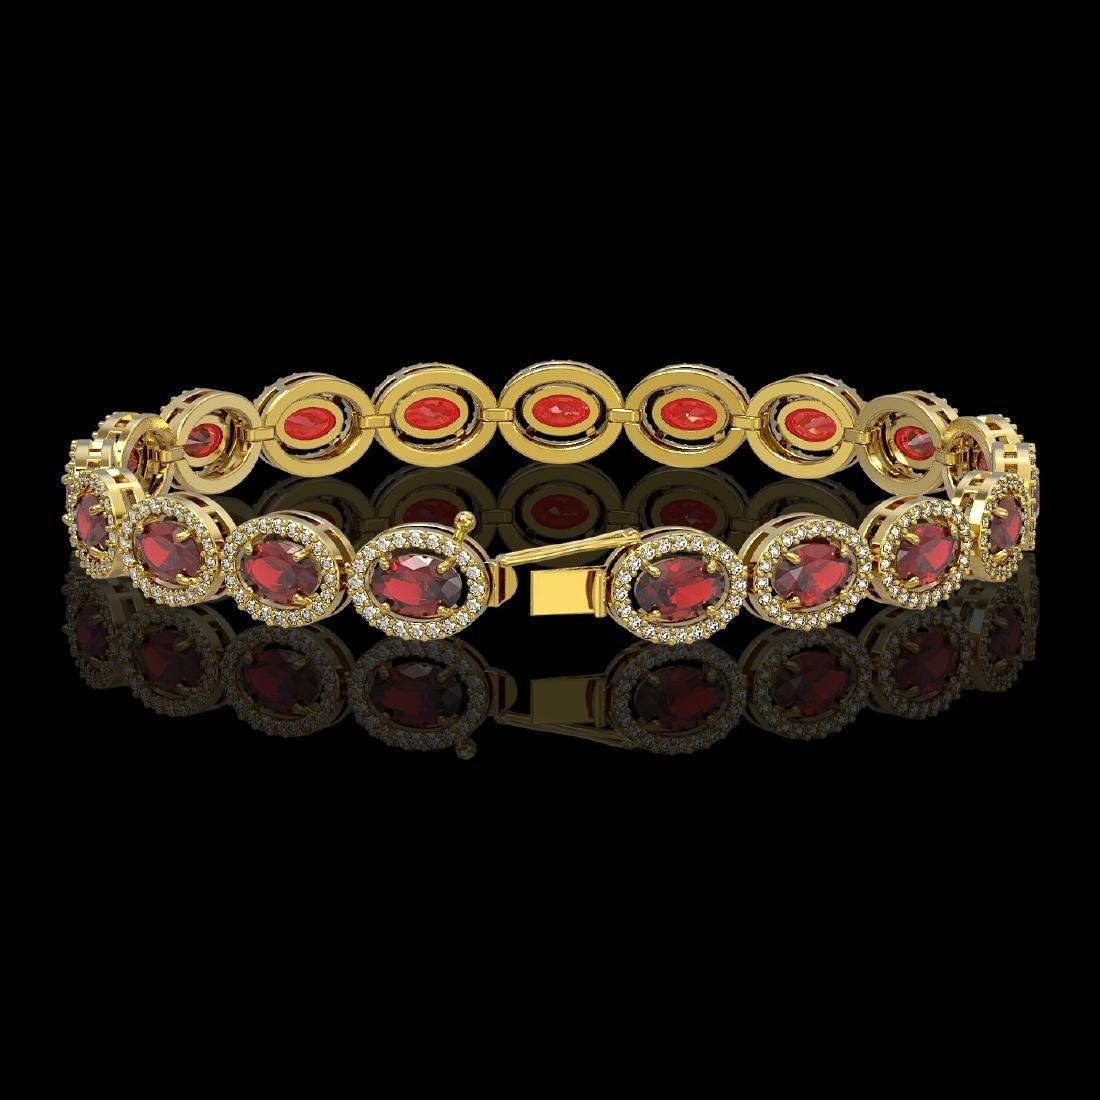 14.63 CTW Garnet & Diamond Halo Bracelet 10K Yellow - 2